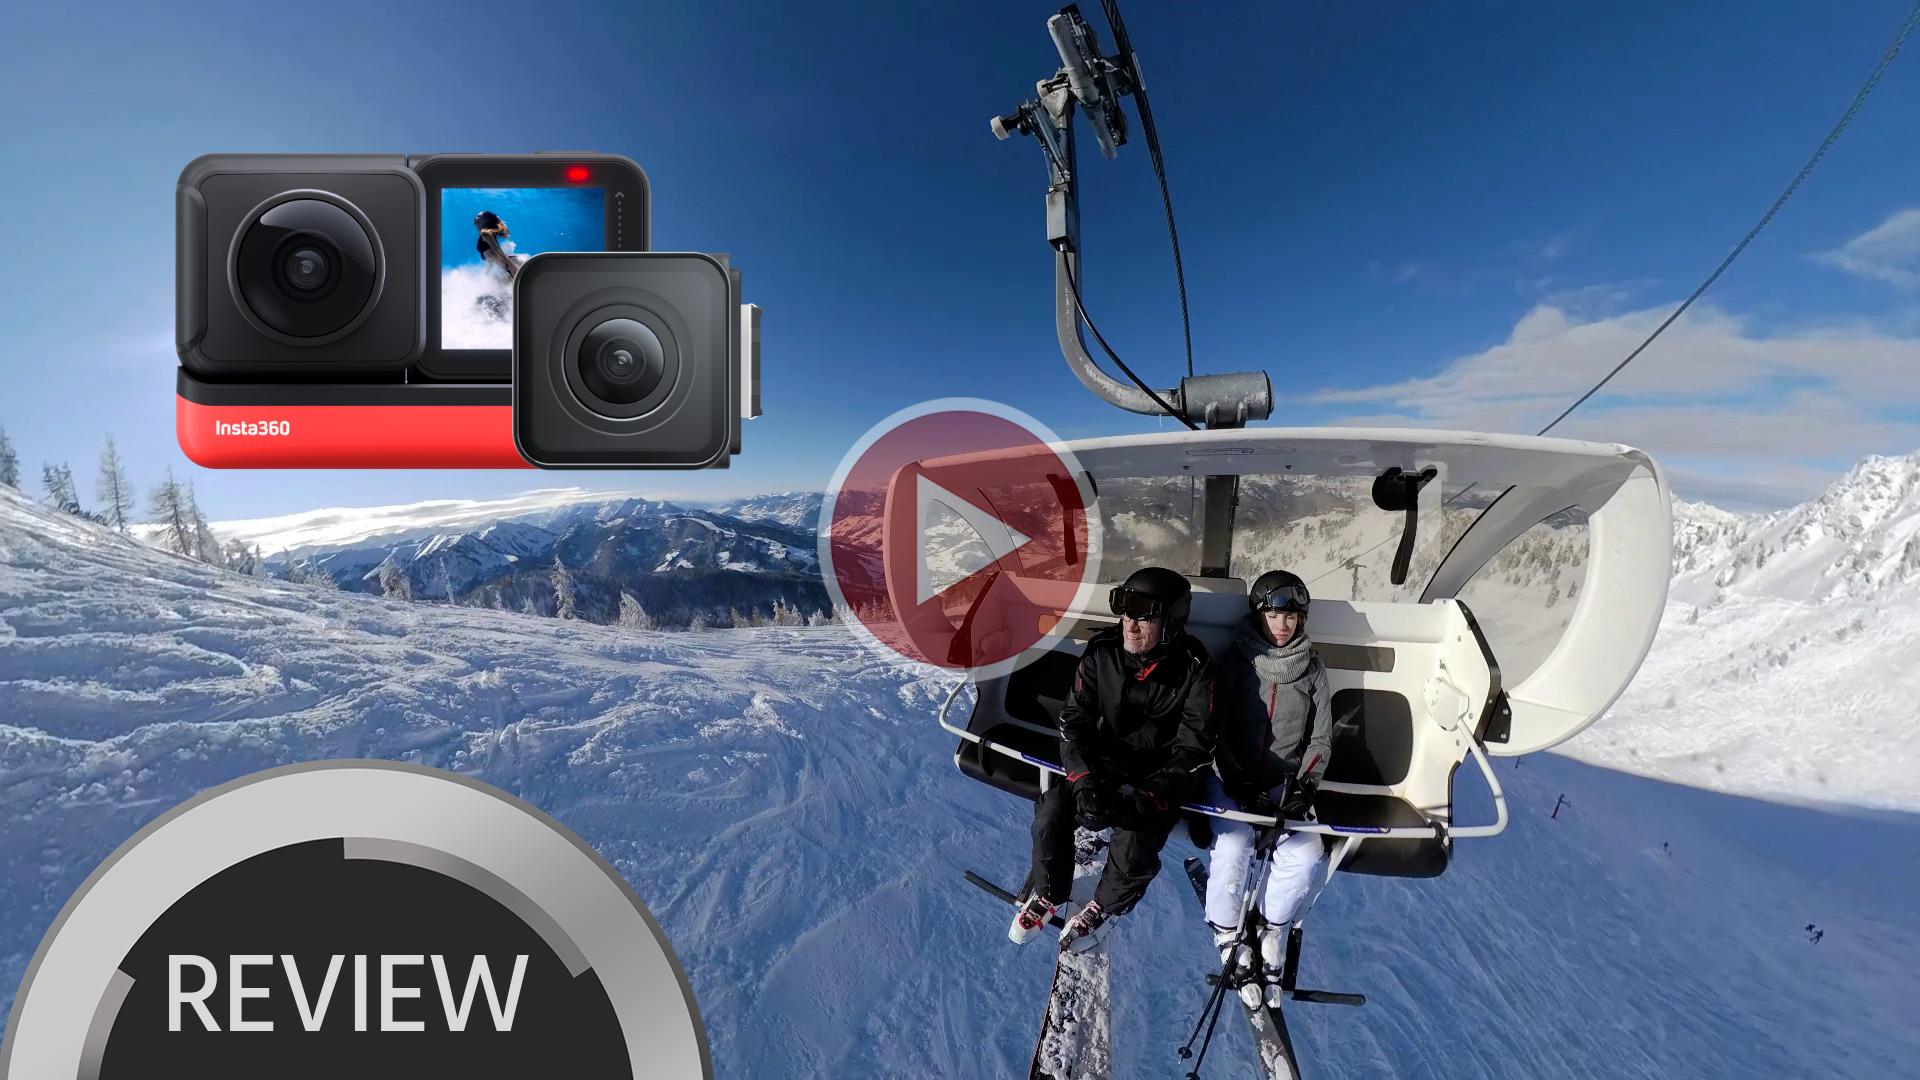 Reseña: Insta360 One R Twin Edition vs. GoPro HERO8 ¿el futuro de las cámaras de acción?